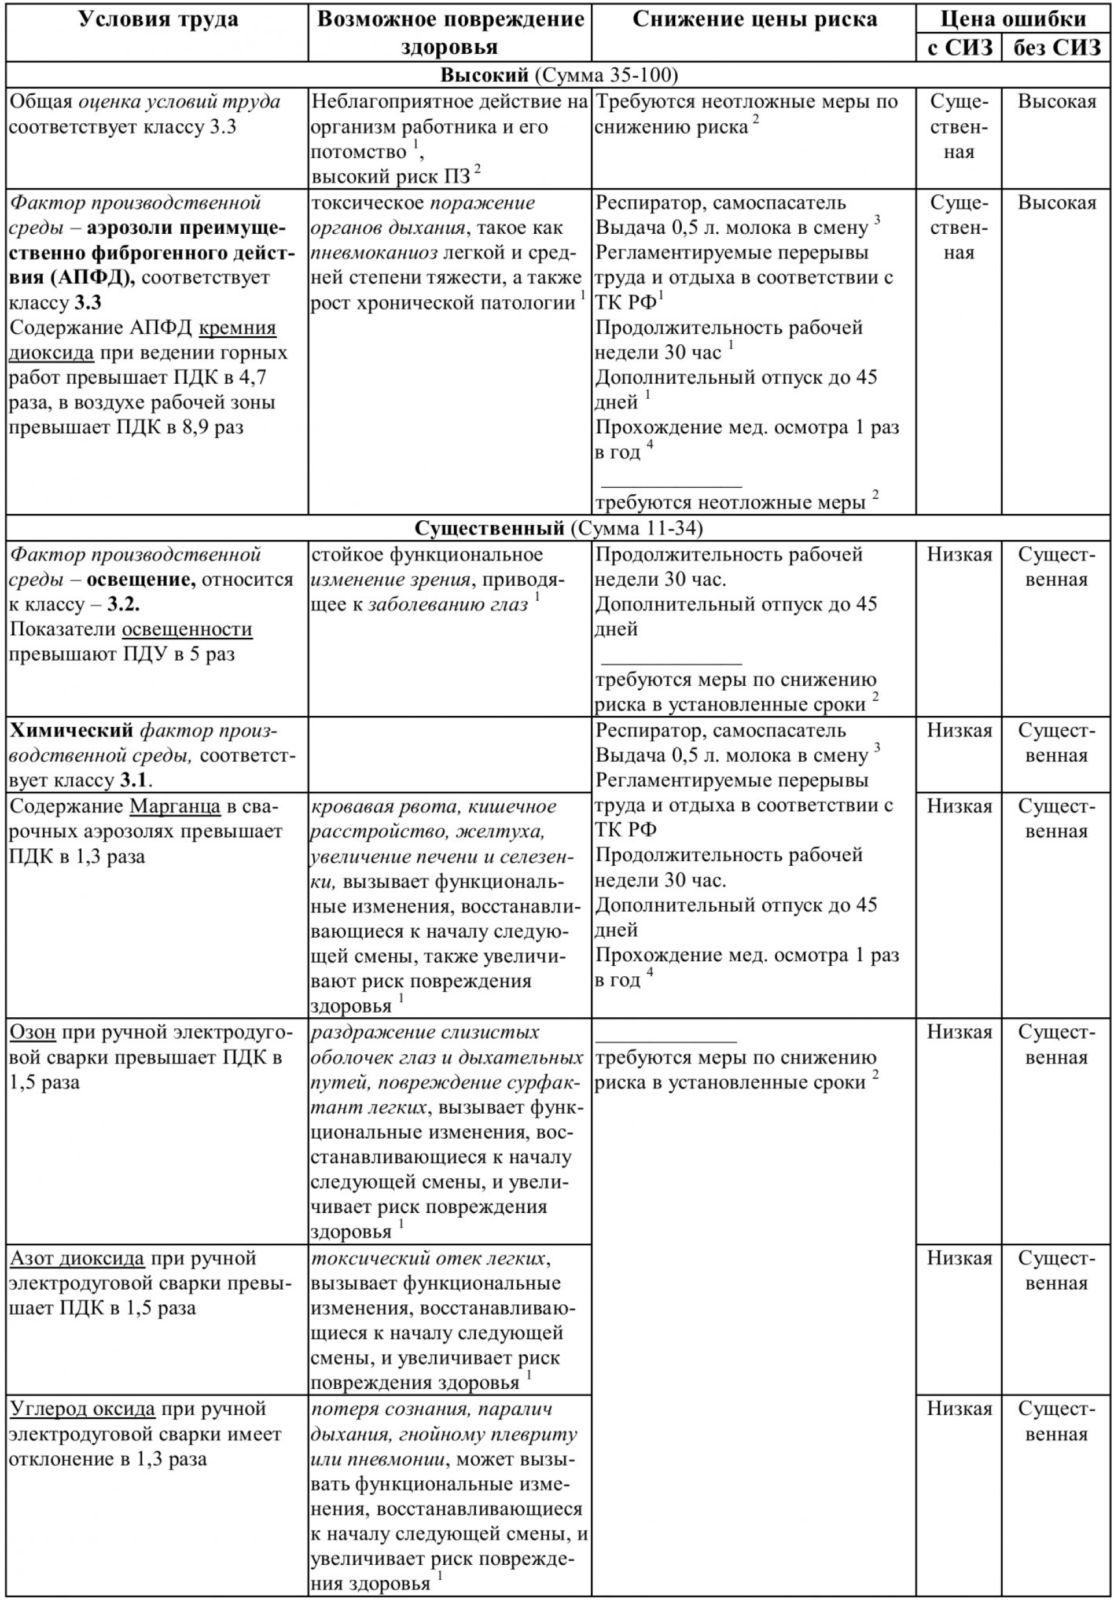 Таблица 4 – Профессиональные заболевания (ПЗ) - Часть №1